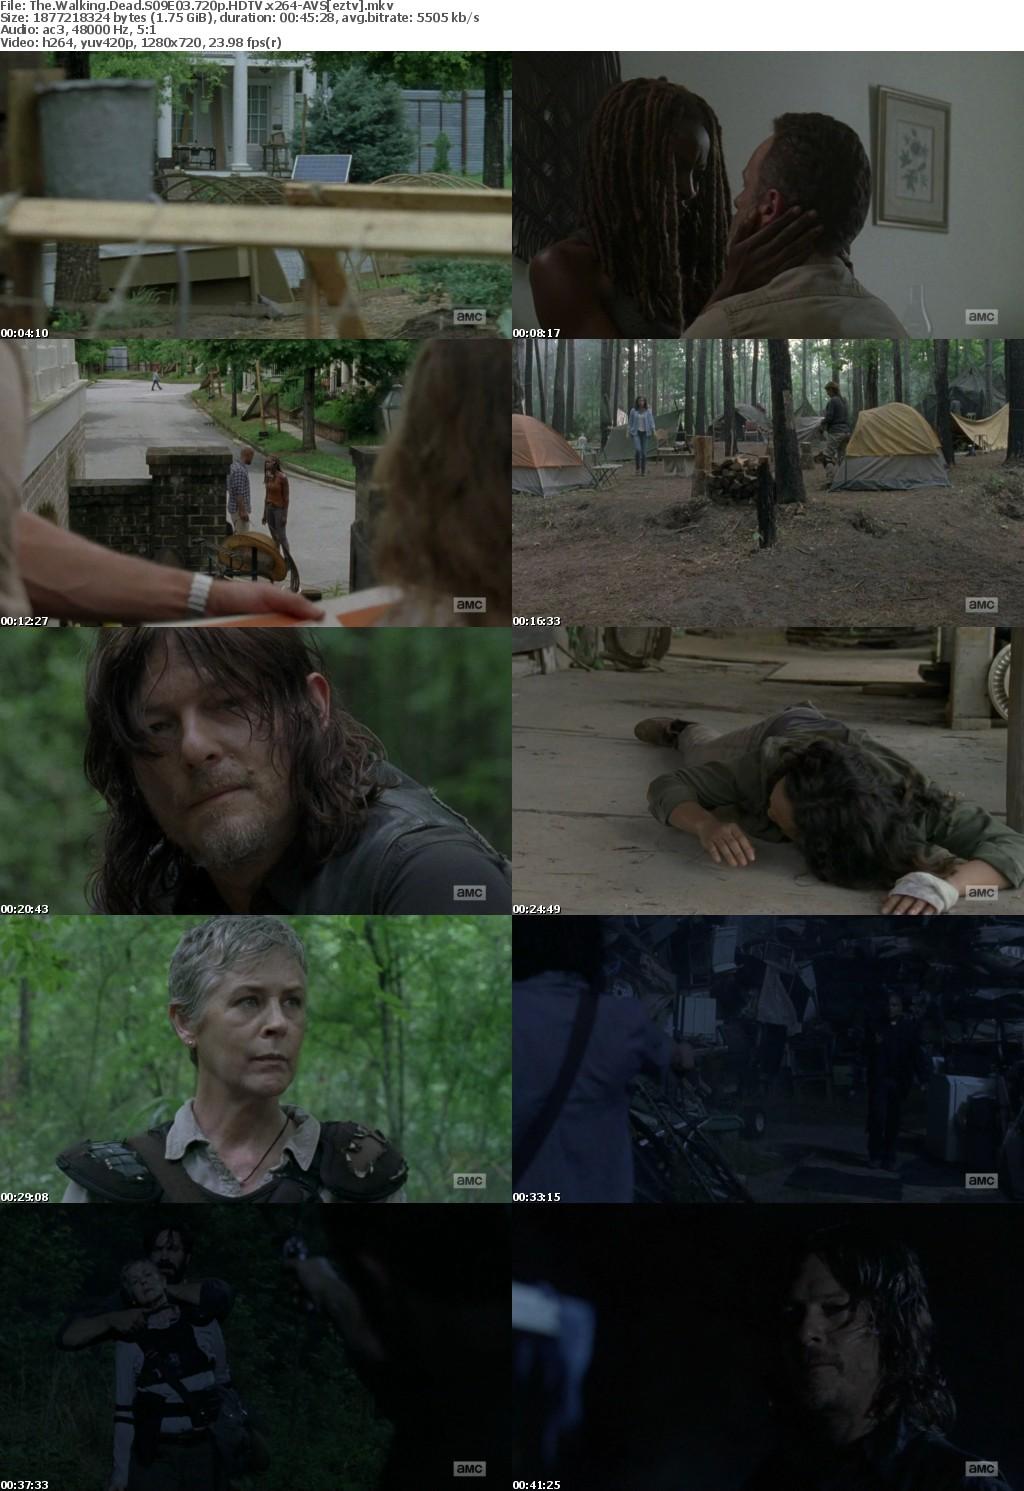 The Walking Dead S09E03 720p HDTV x264-AVS